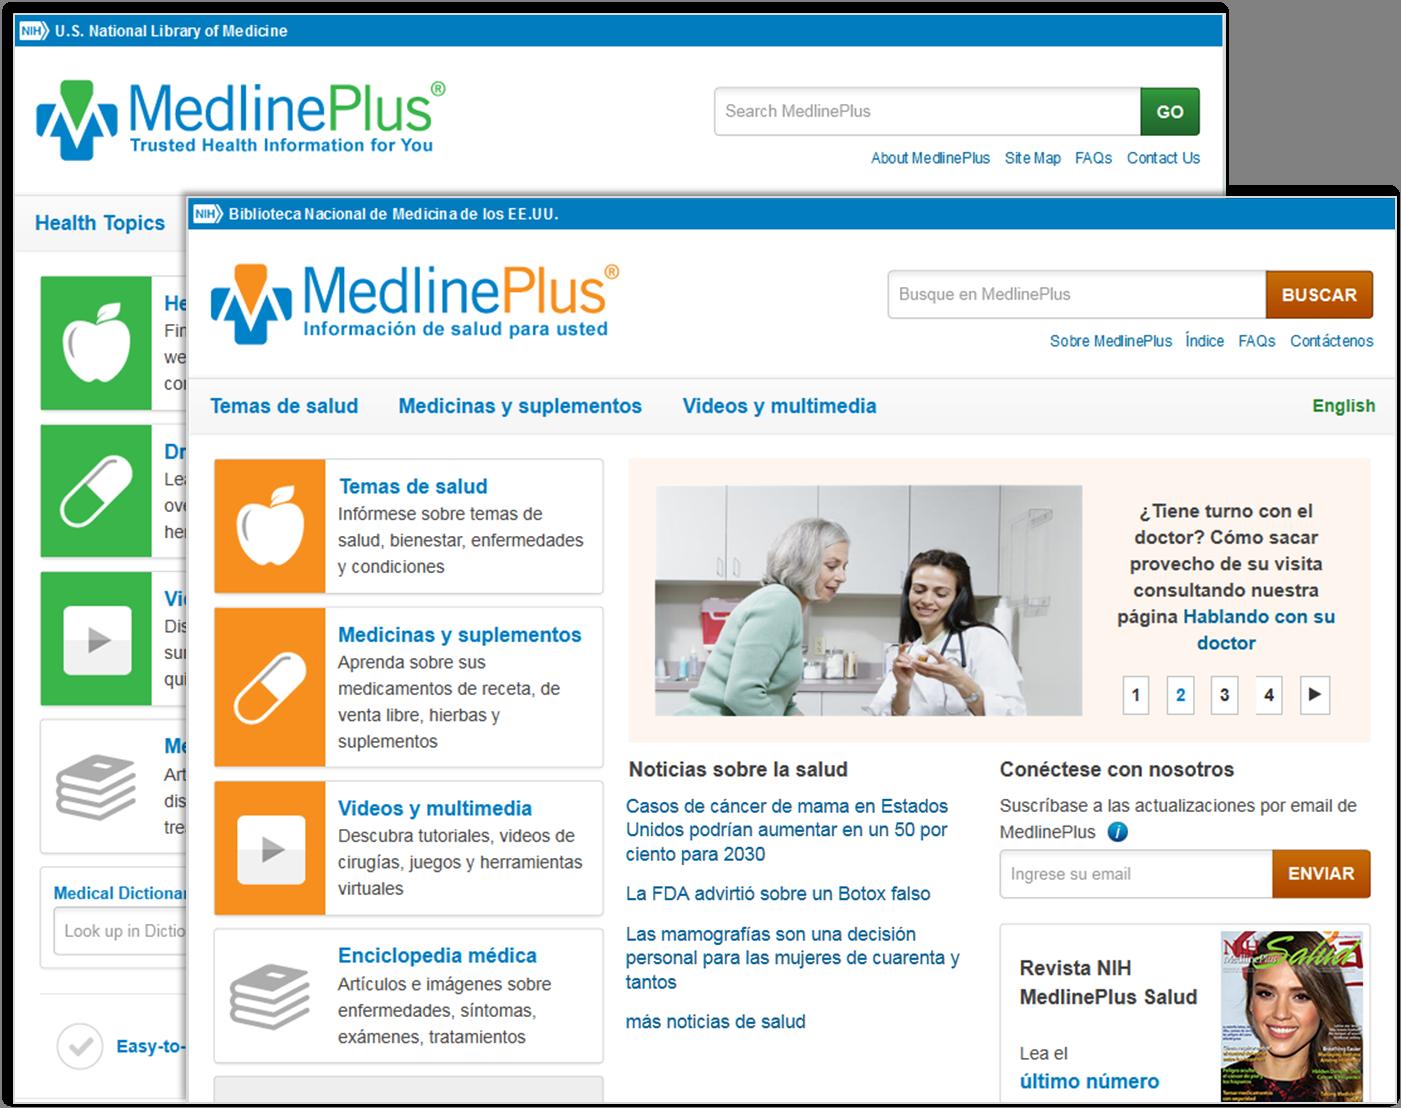 Páginas principales de MedlinePlus en español y en inglés